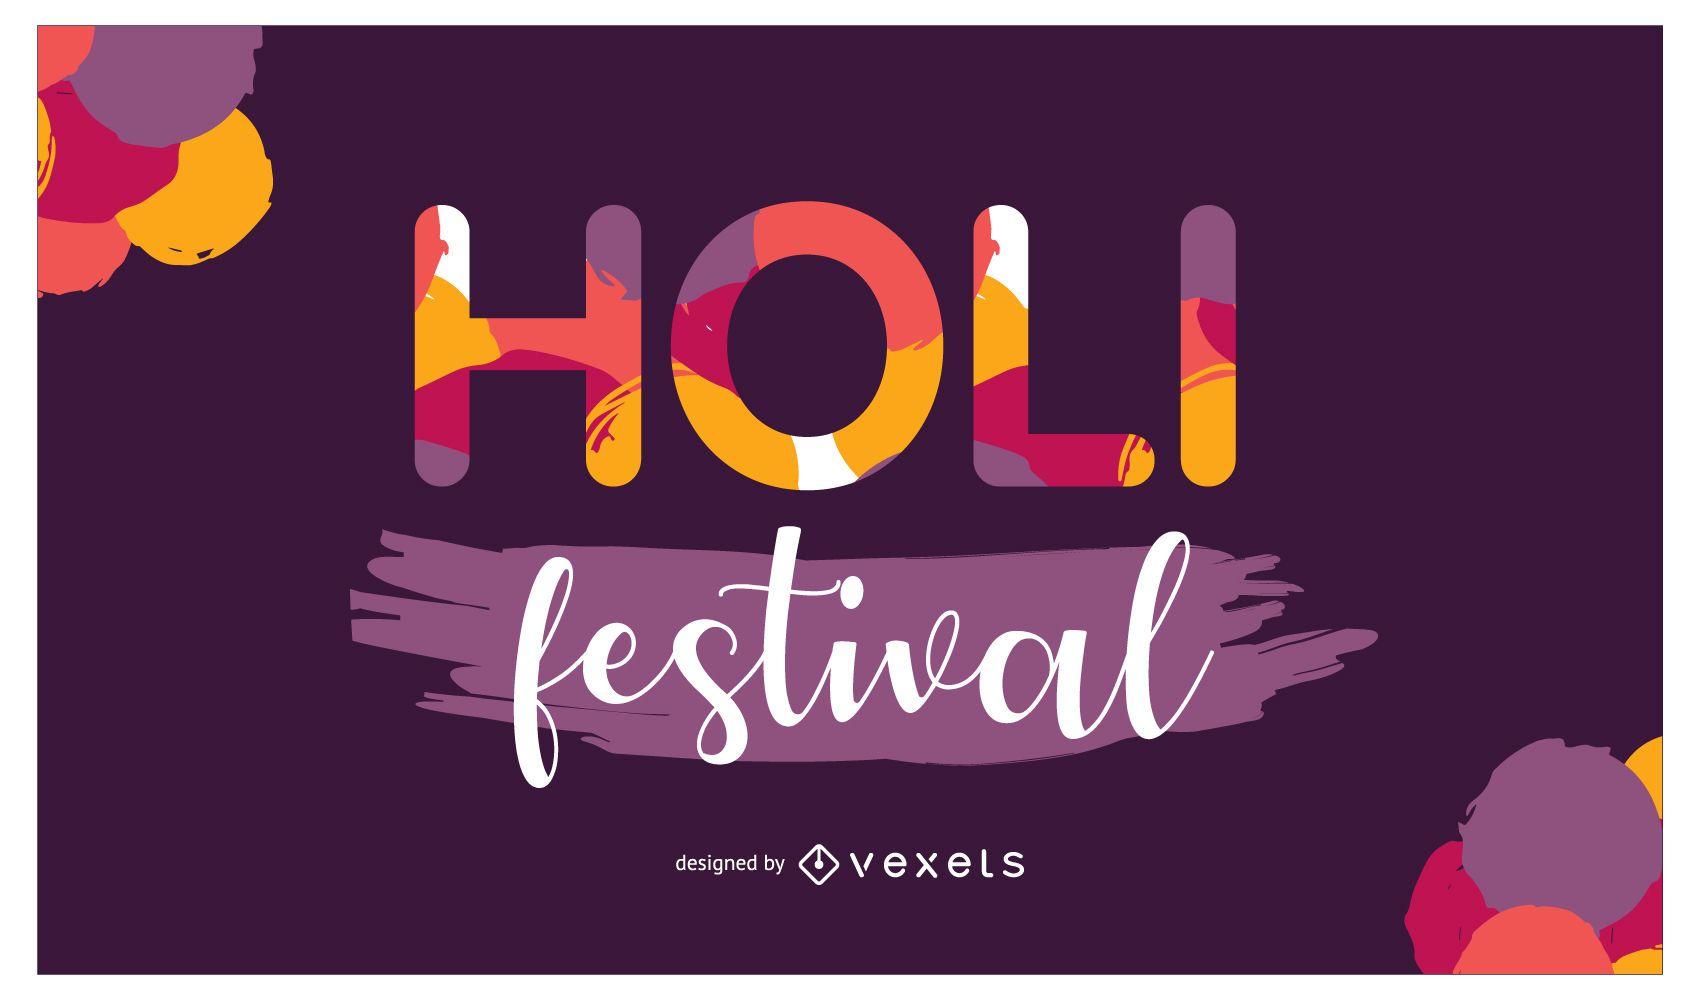 Diseño de letras del festival Holi